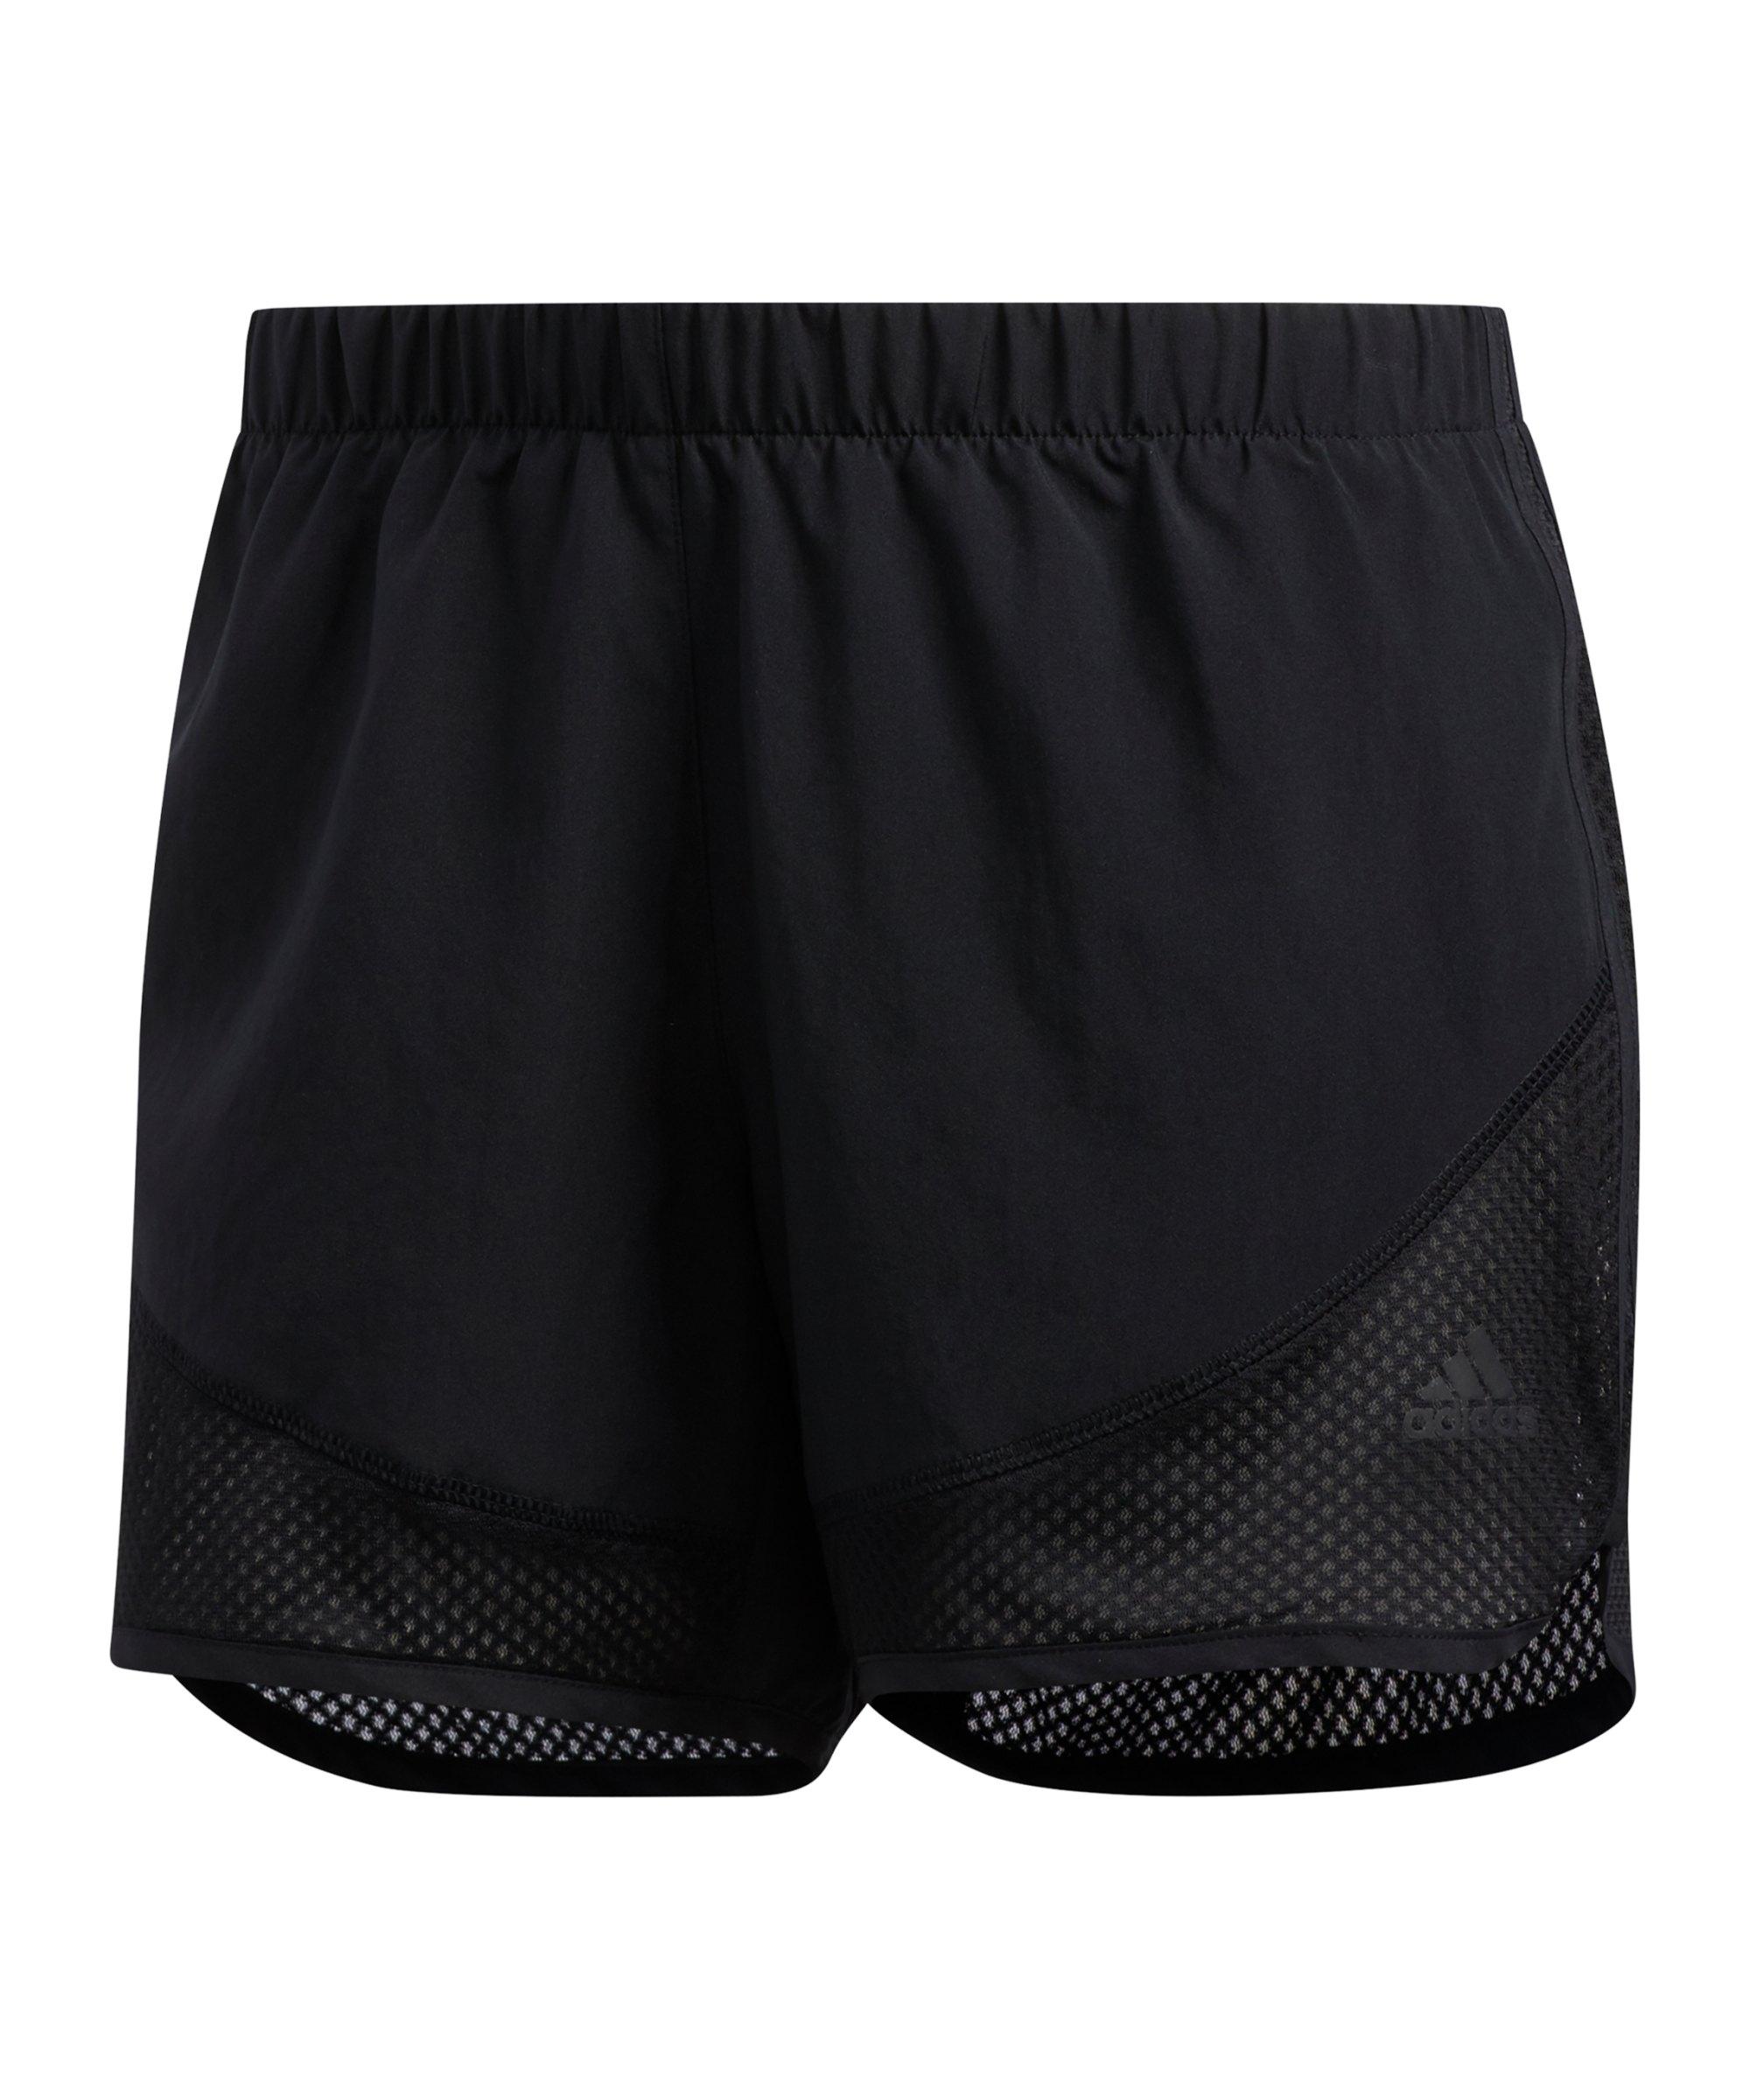 adidas M20 Short Speed Running Damen Schwarz - schwarz